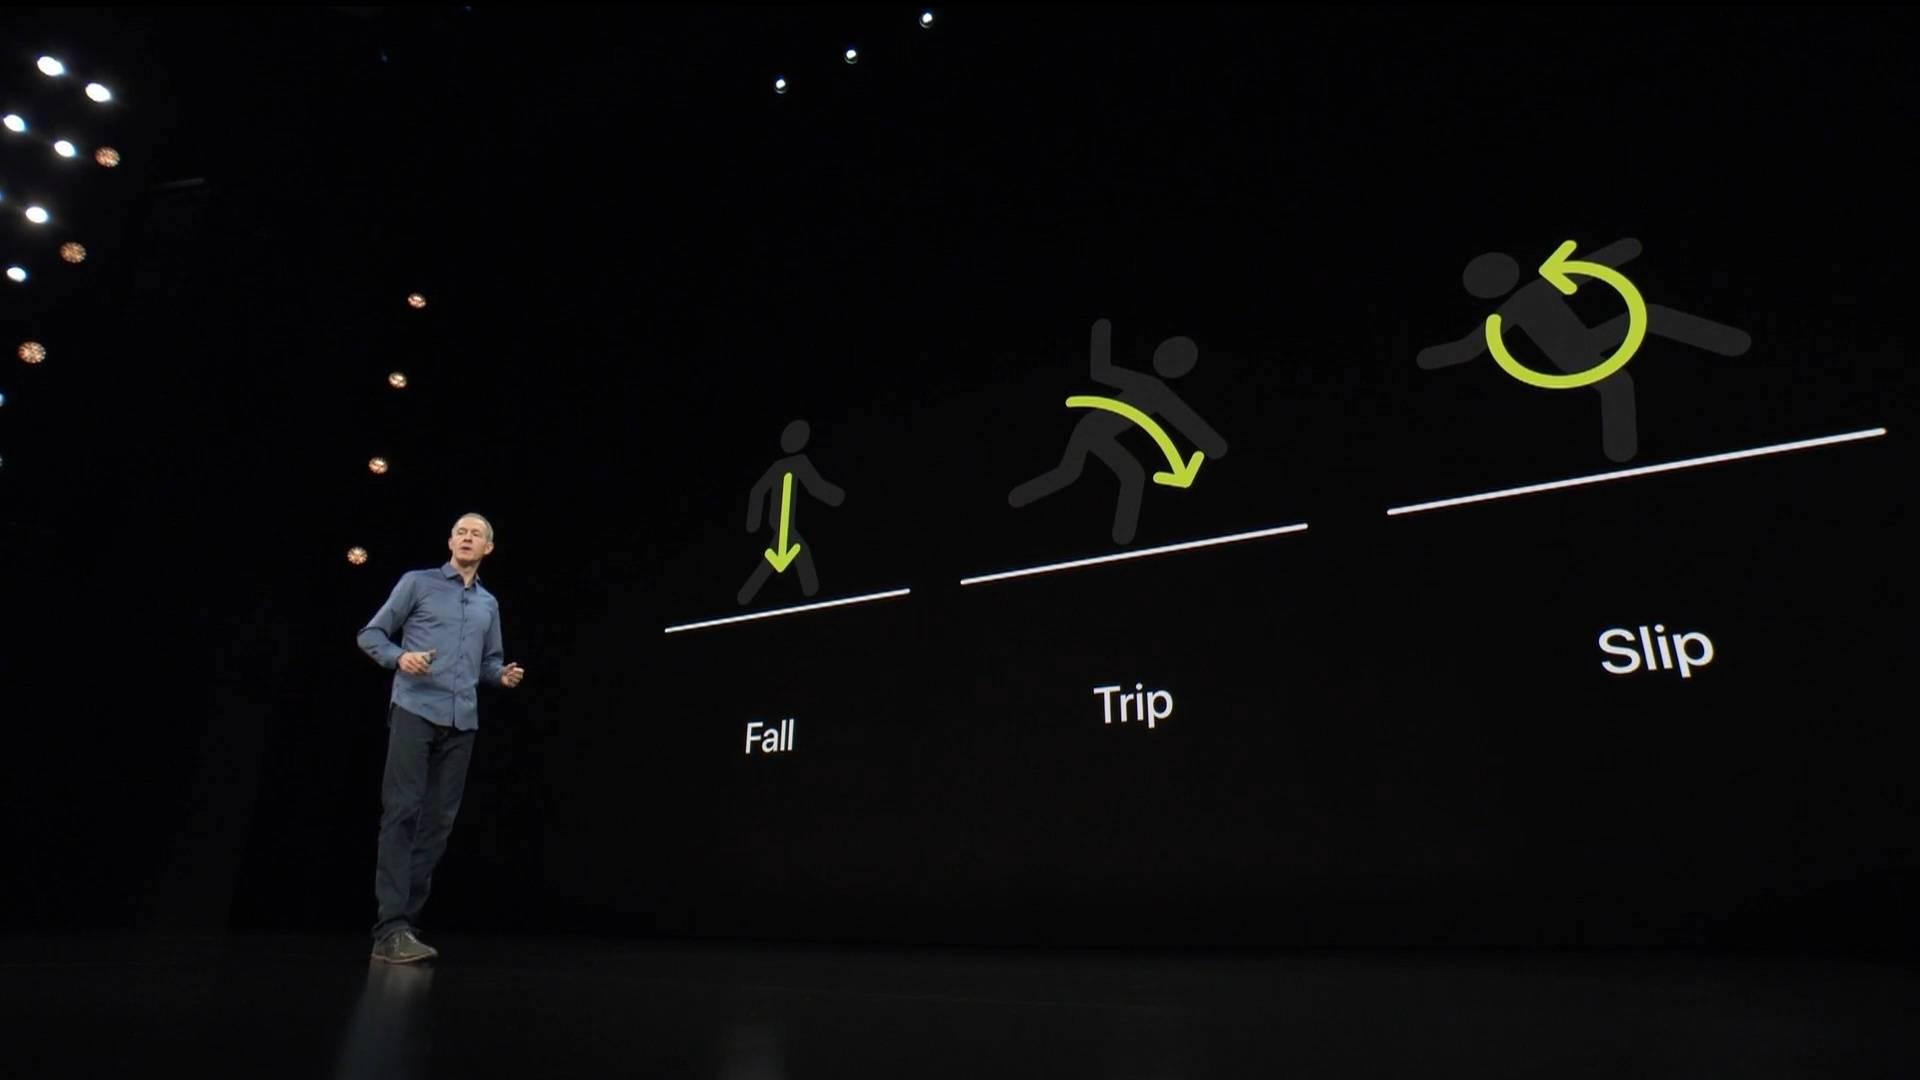 一文看懂2018苹果秋季新品发布会 新款iPhone Xs售价破万的照片 - 5